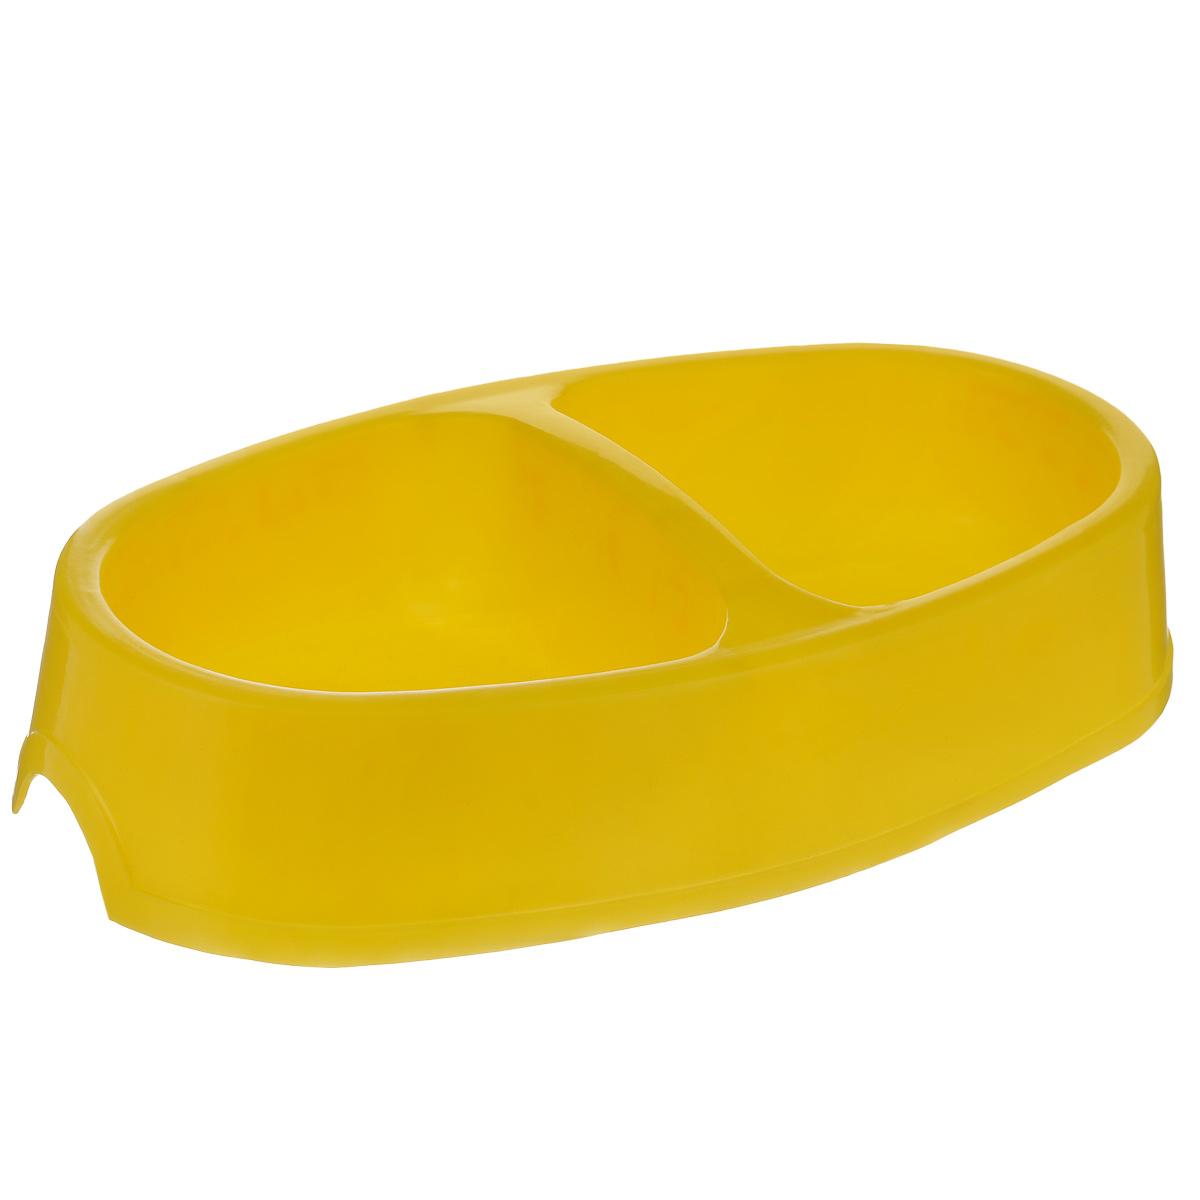 Миска для собак I.P.T.S., двойная, цвет: желтый, 2 х 400 мл650127_желтыйДвойная миска I.P.T.S. - это функциональный аксессуар для собак. Изделие выполнено из высококачественного цветного пластика. В миску можно положить два разных блюда - в каждое отделение. Миска легко моется. Ваш любимец будет доволен! Объем одной емкости: 400 мл. Размер емкости: 12 см х 13 см. Высота миски: 5,5 см.